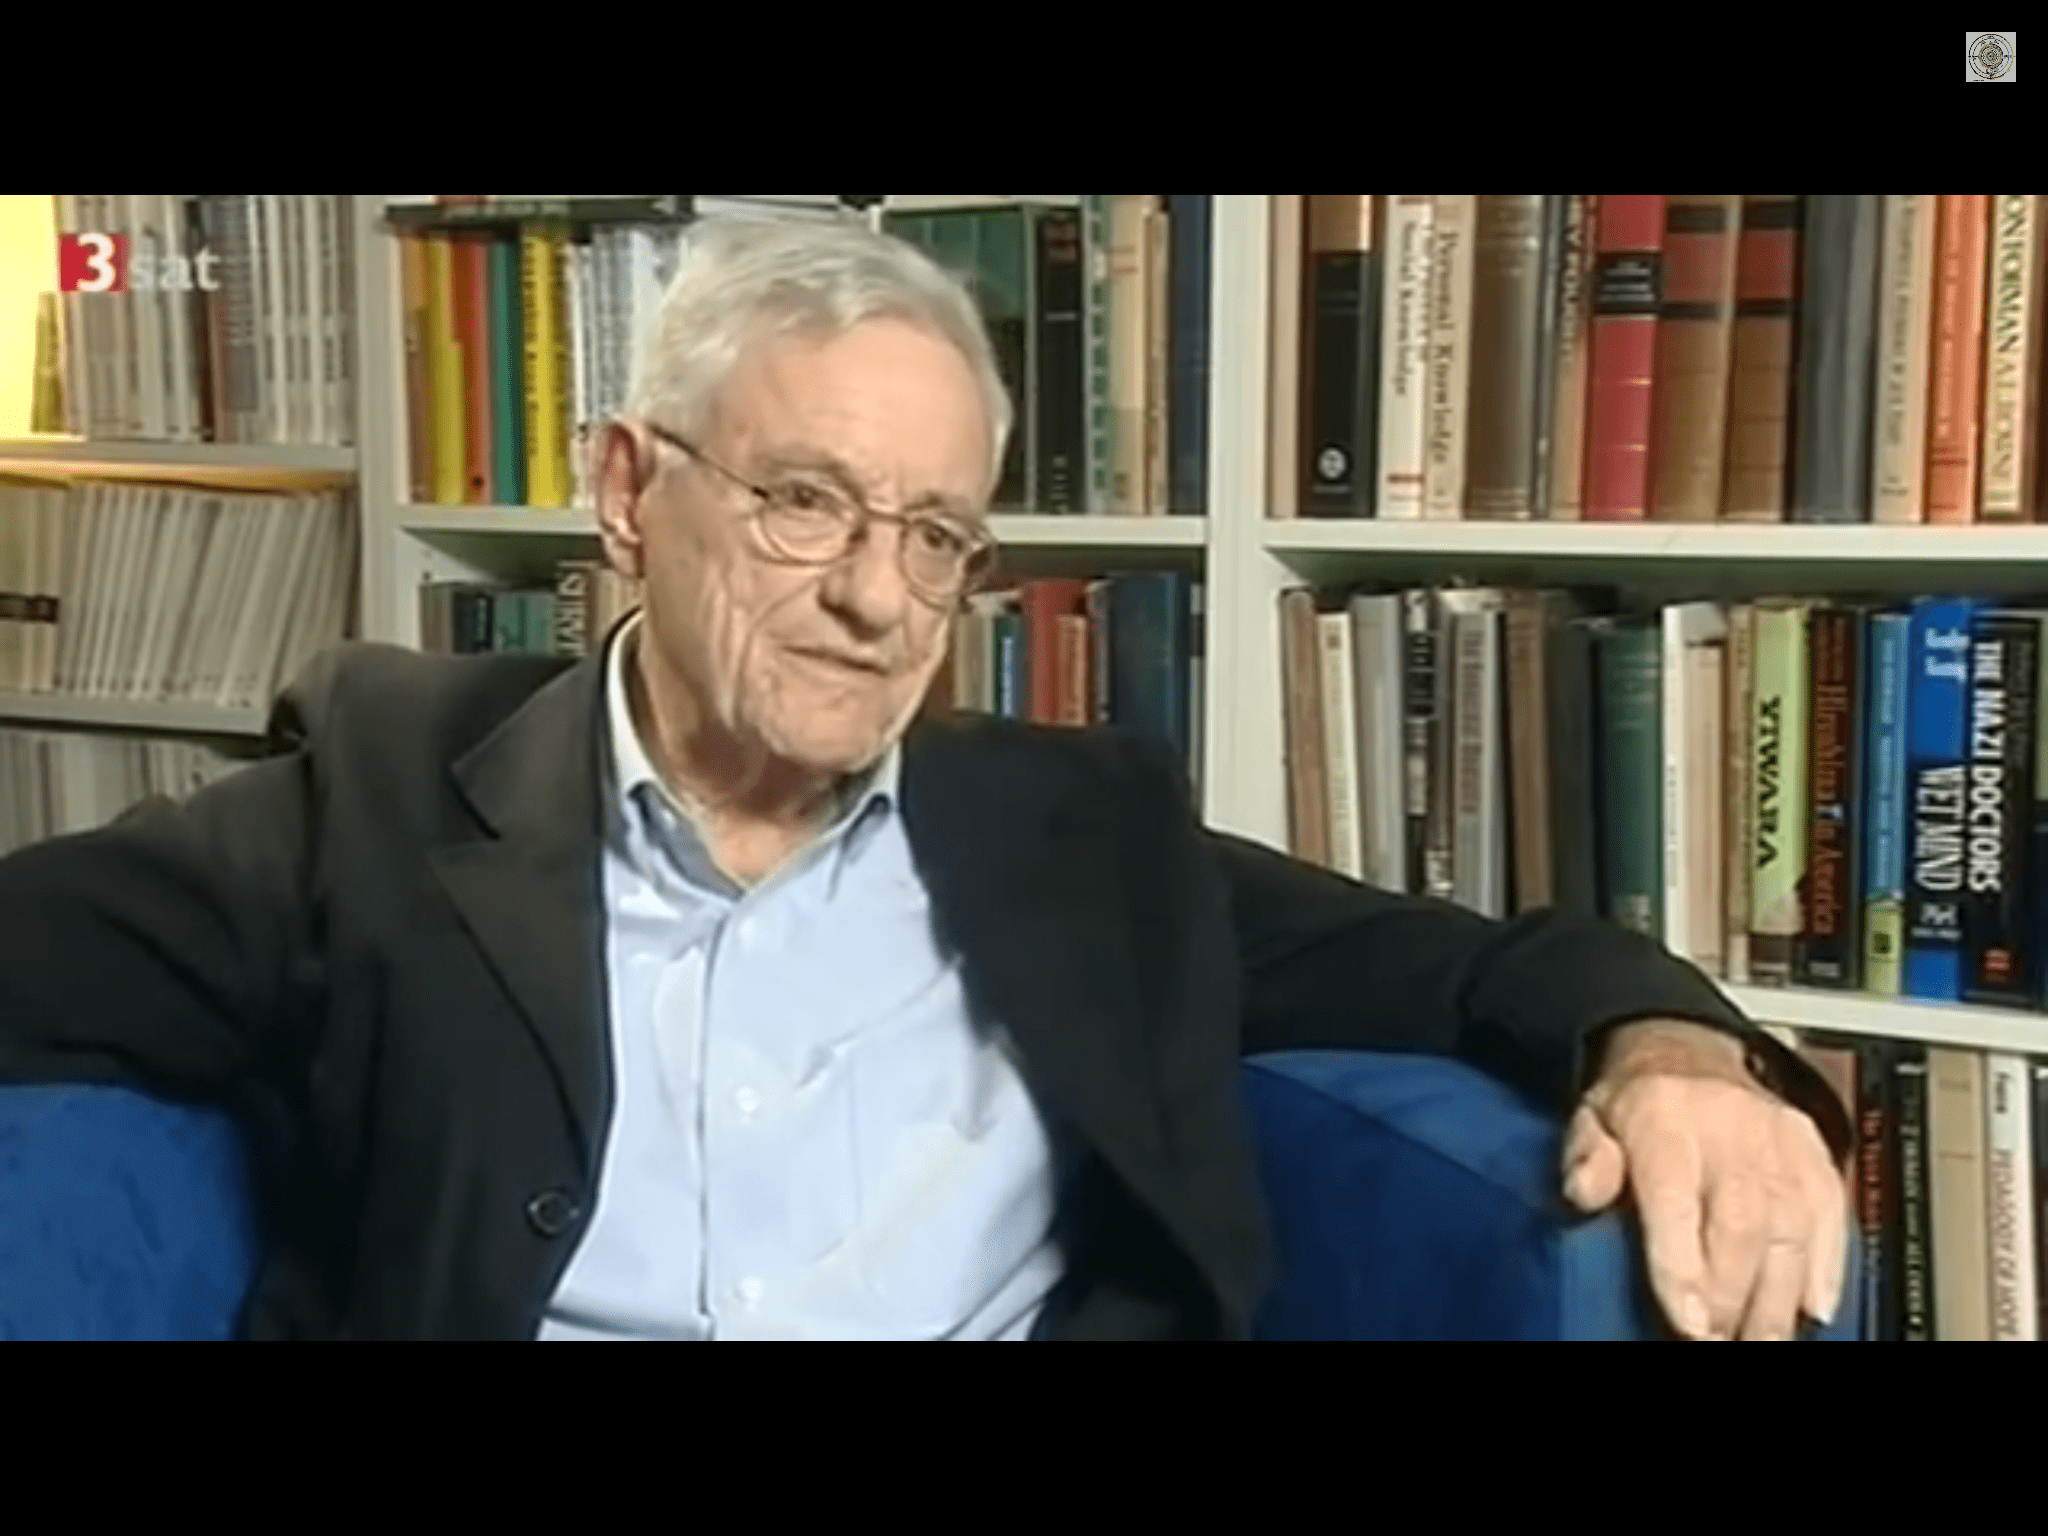 Arno Gruen - #Empathie und #Schmerz (#Gespräch)  #psychothherapie #arnogruen via @psychothherapie